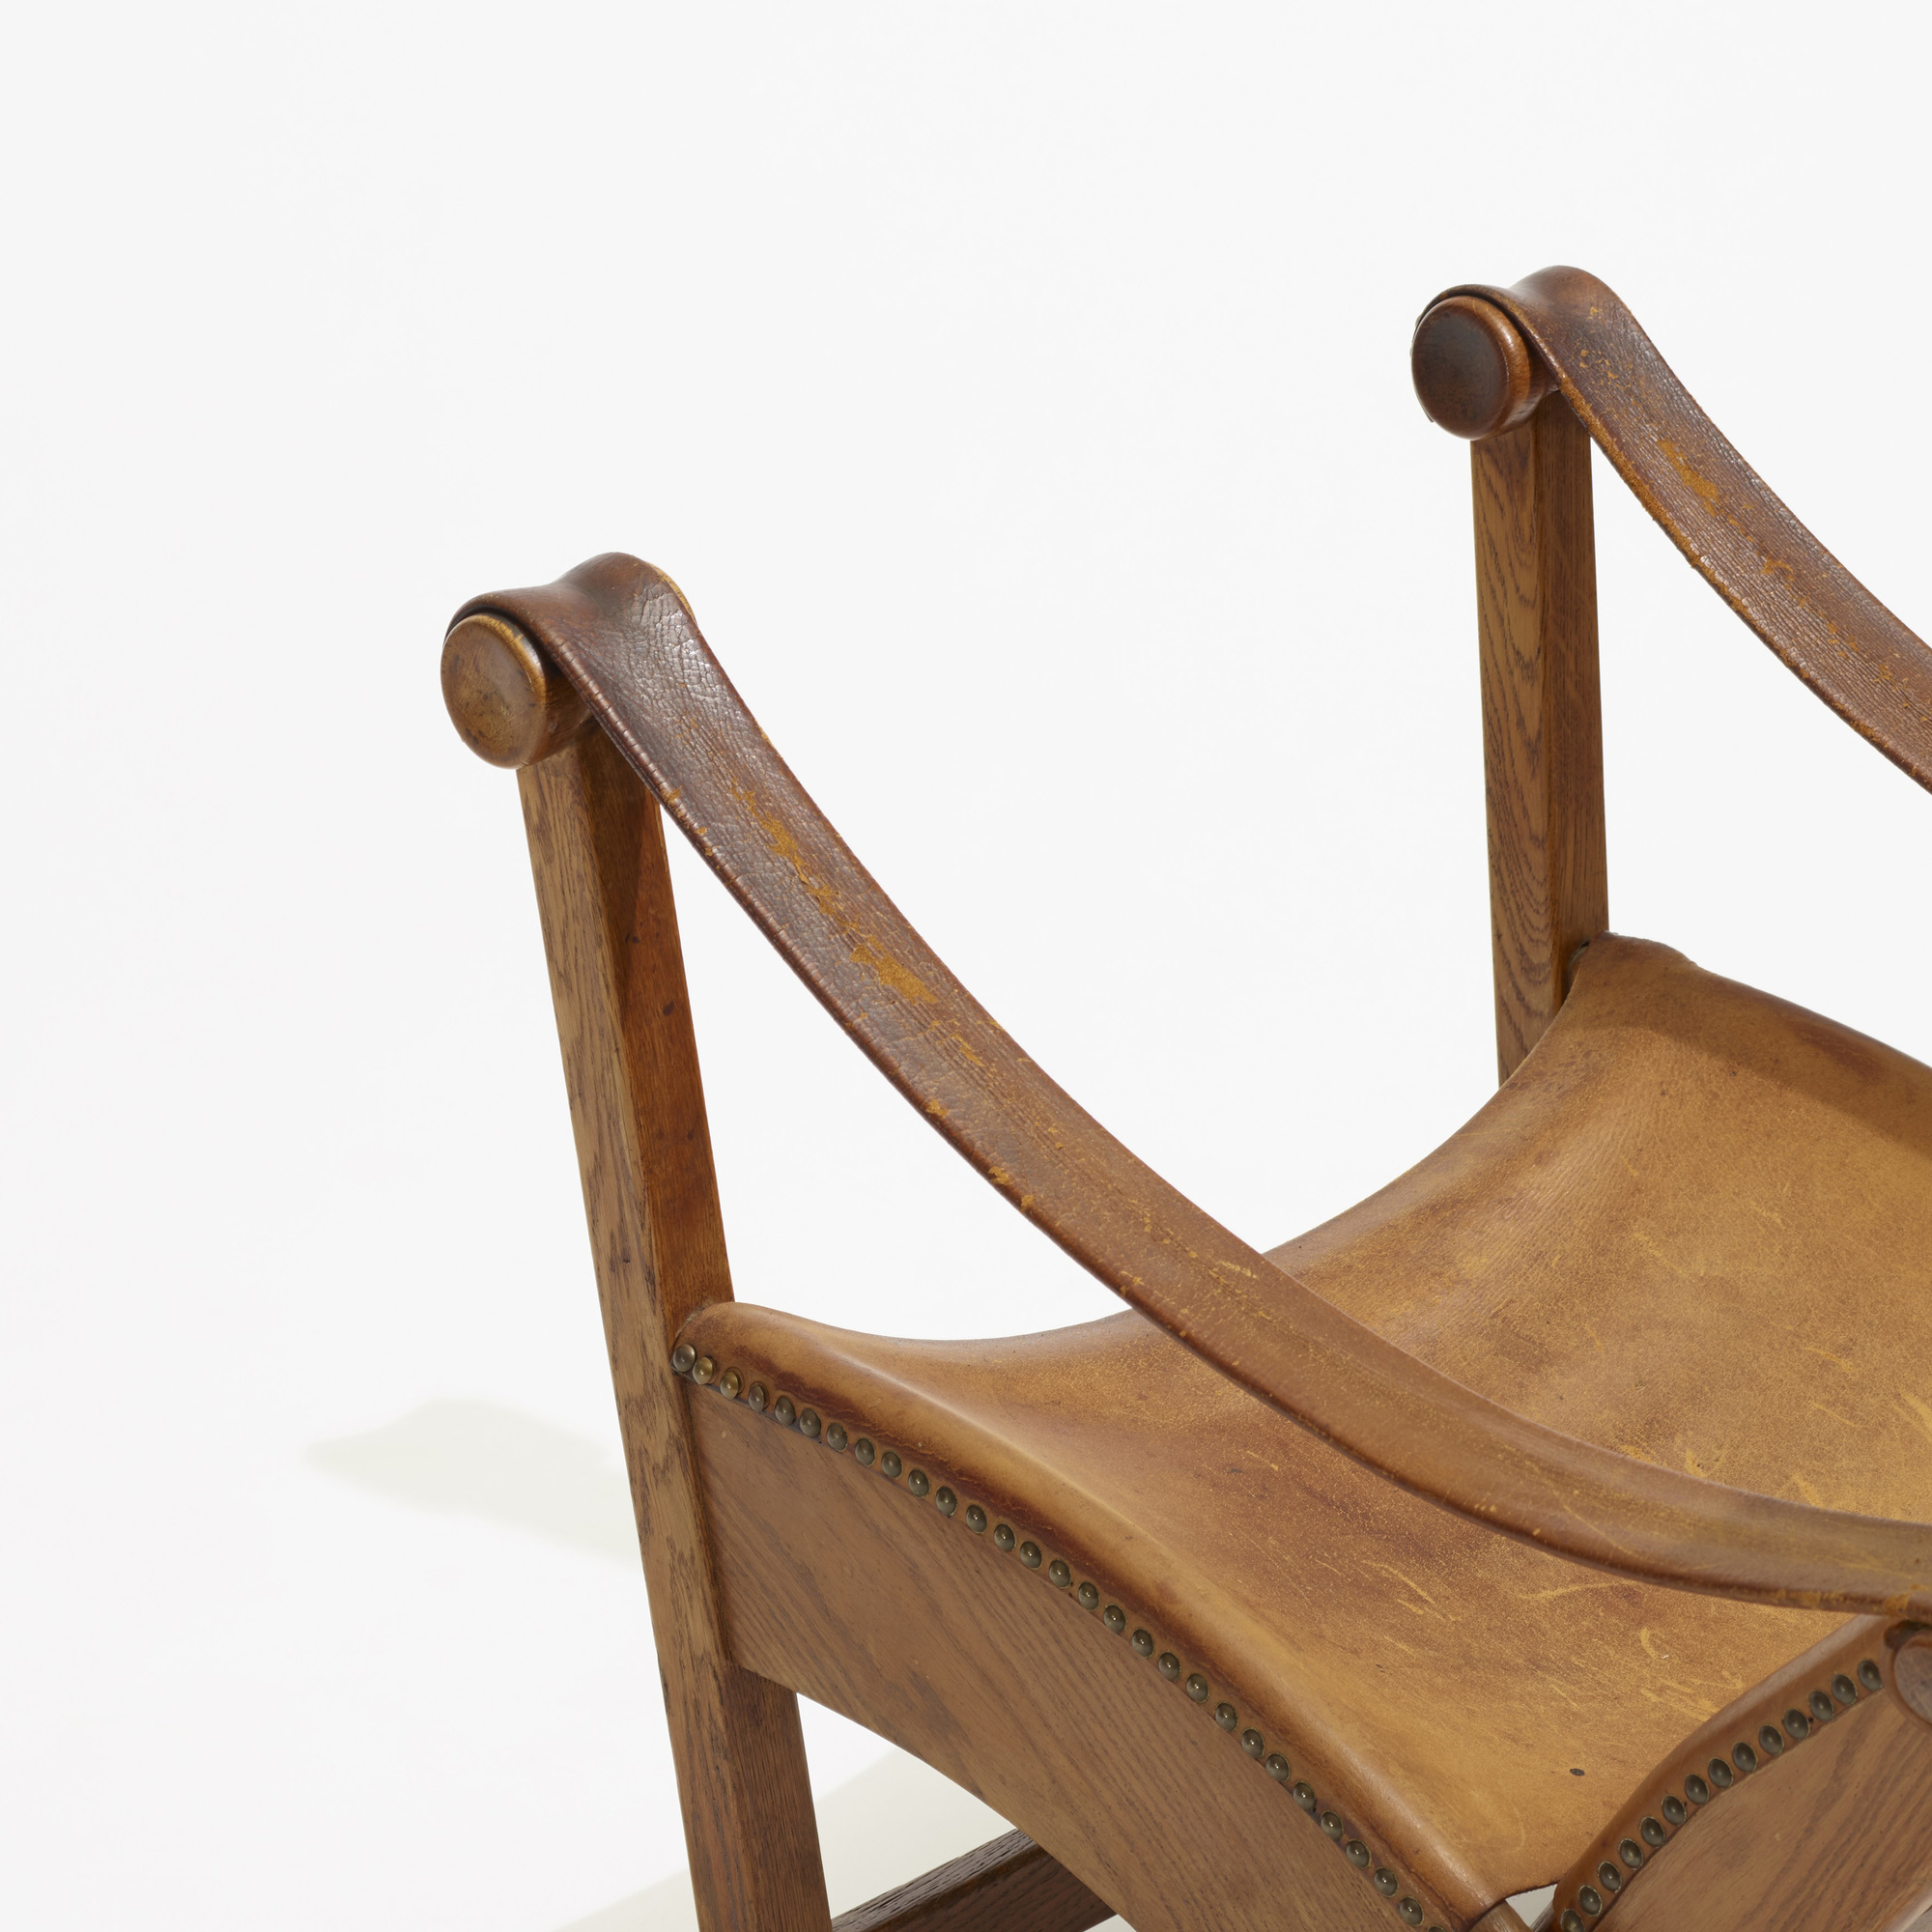 219: Mogens Voltelen / Copenhagen chair (3 of 3)